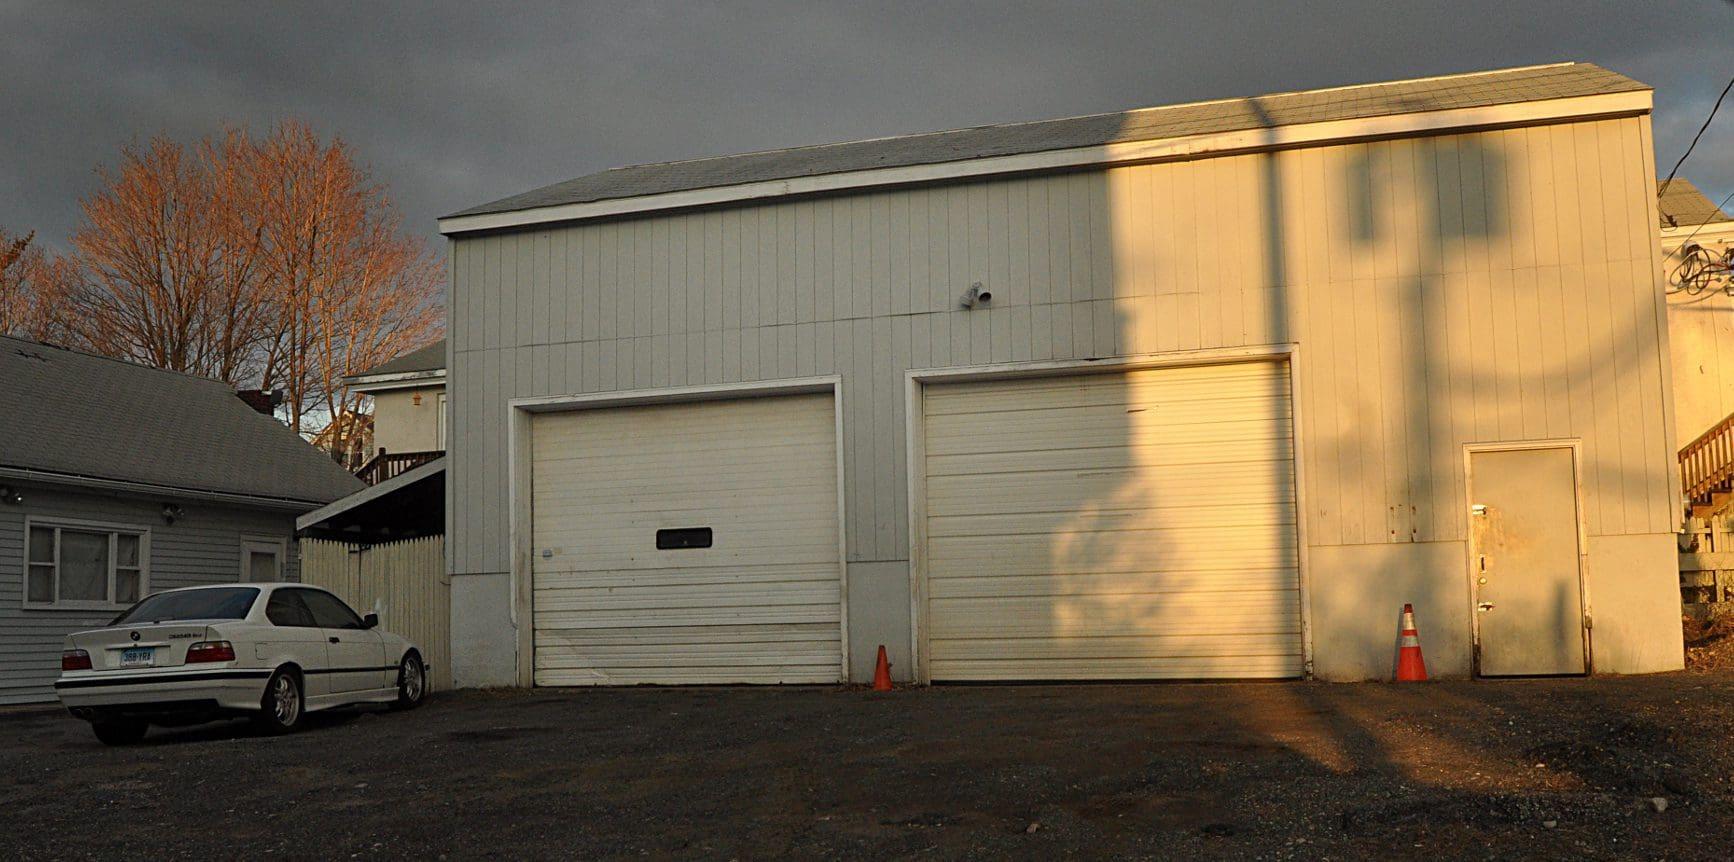 Norwalk Contractor Garage Regulation Sent For Further. Front Doors For Homes. Garage Door Repair Colorado Springs. Cost Of Door Locks. Nissan Juke 4 Door. Overhead Door Remote Control. Craftsman Garage Door Motor Parts. How Much Do Glass Garage Doors Cost. Install Garage Door Springs